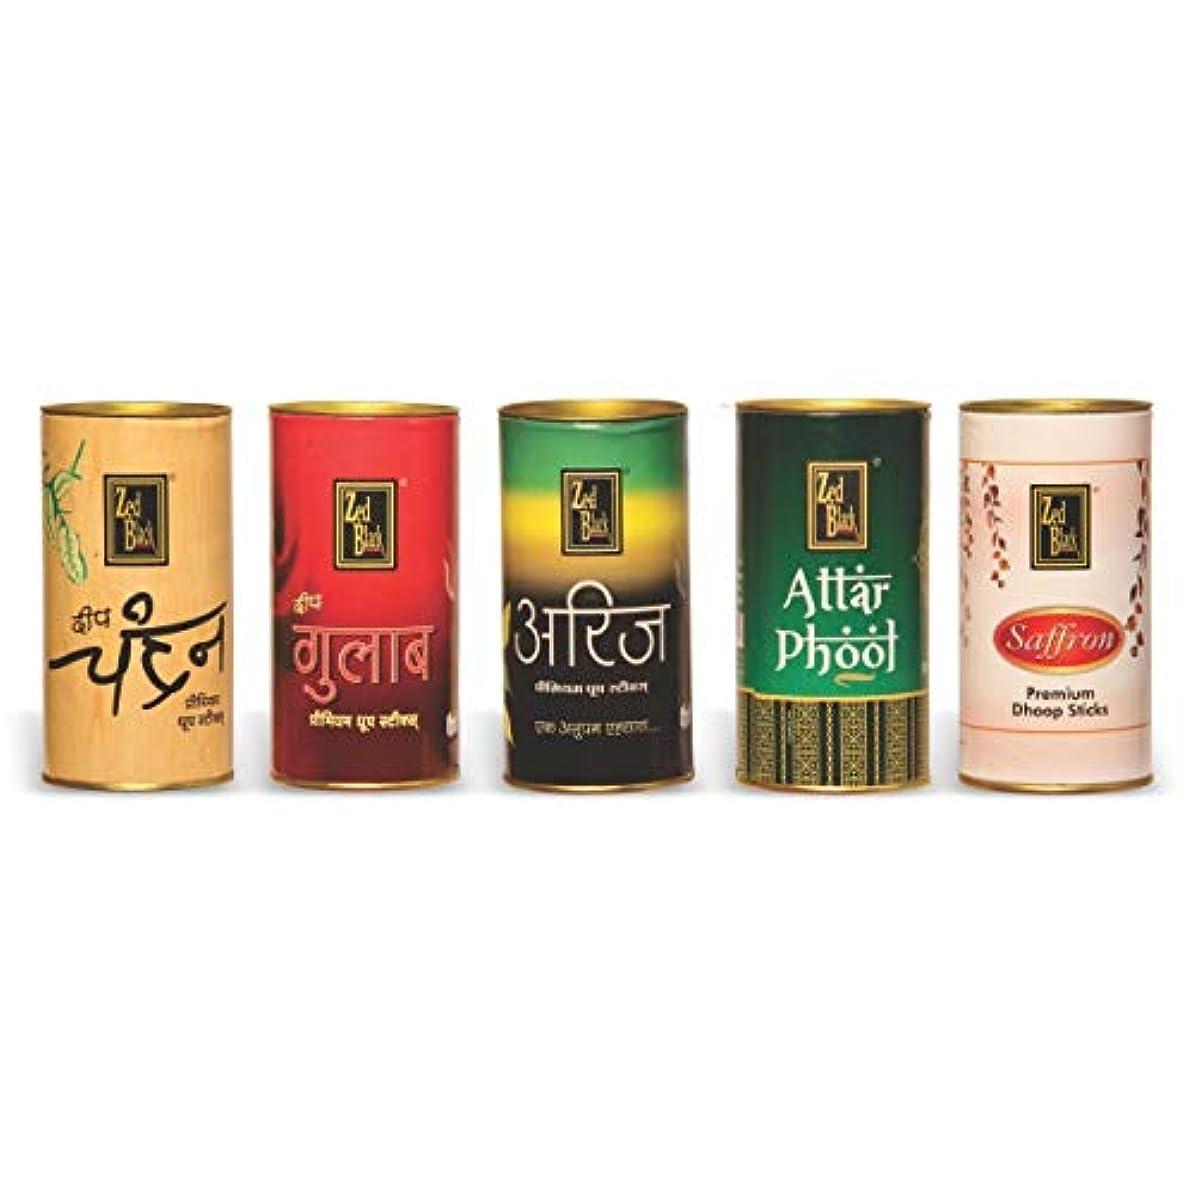 軍団あいまい紛争Zed Black Natural Deep-Chandan, Deep-Gulab, Arij, Attar Phool and Saffron Incense Dhoop Sticks Tin - Combo of...